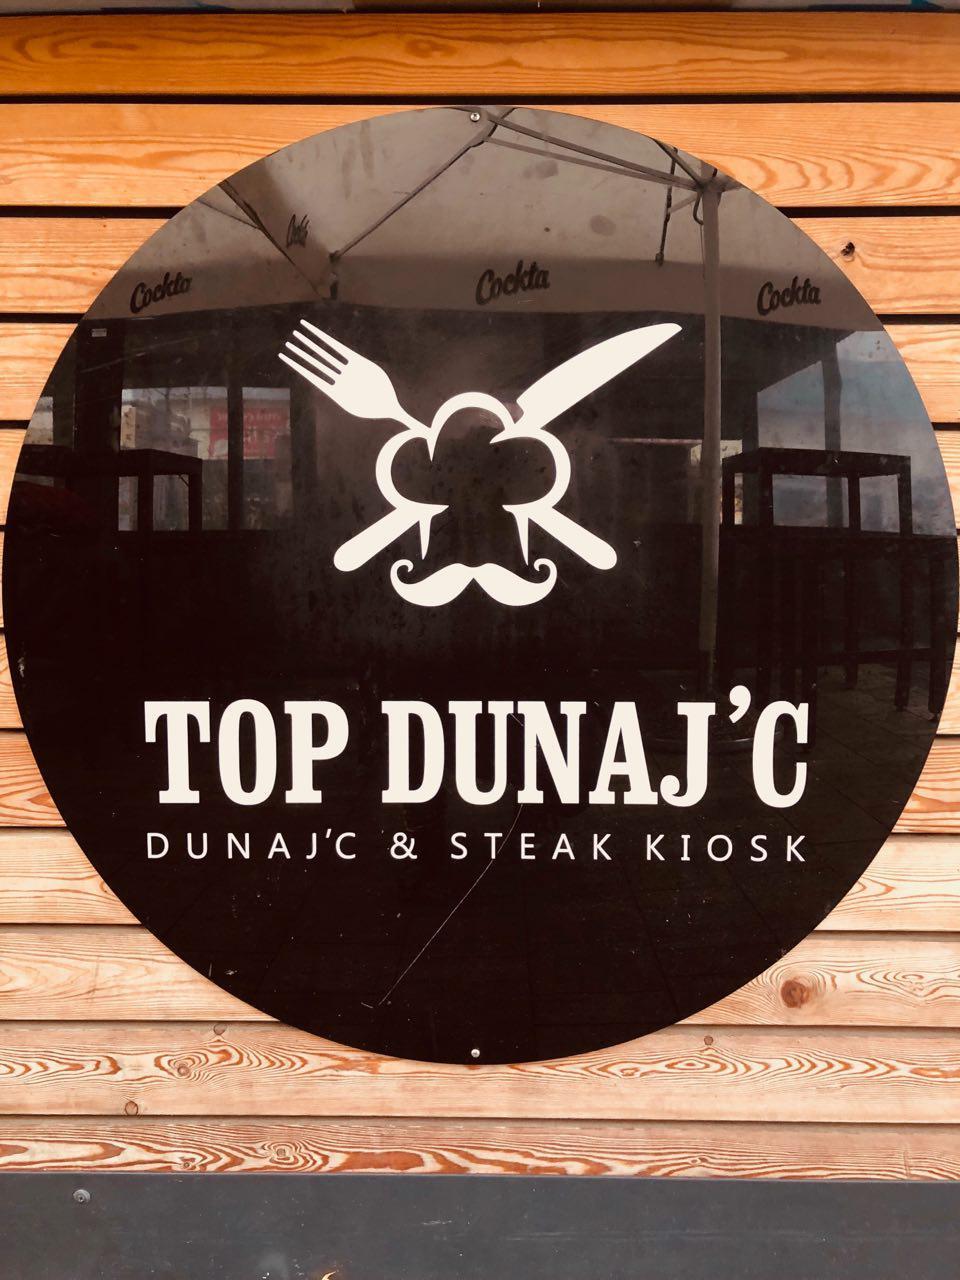 TOP DUNAJ'C